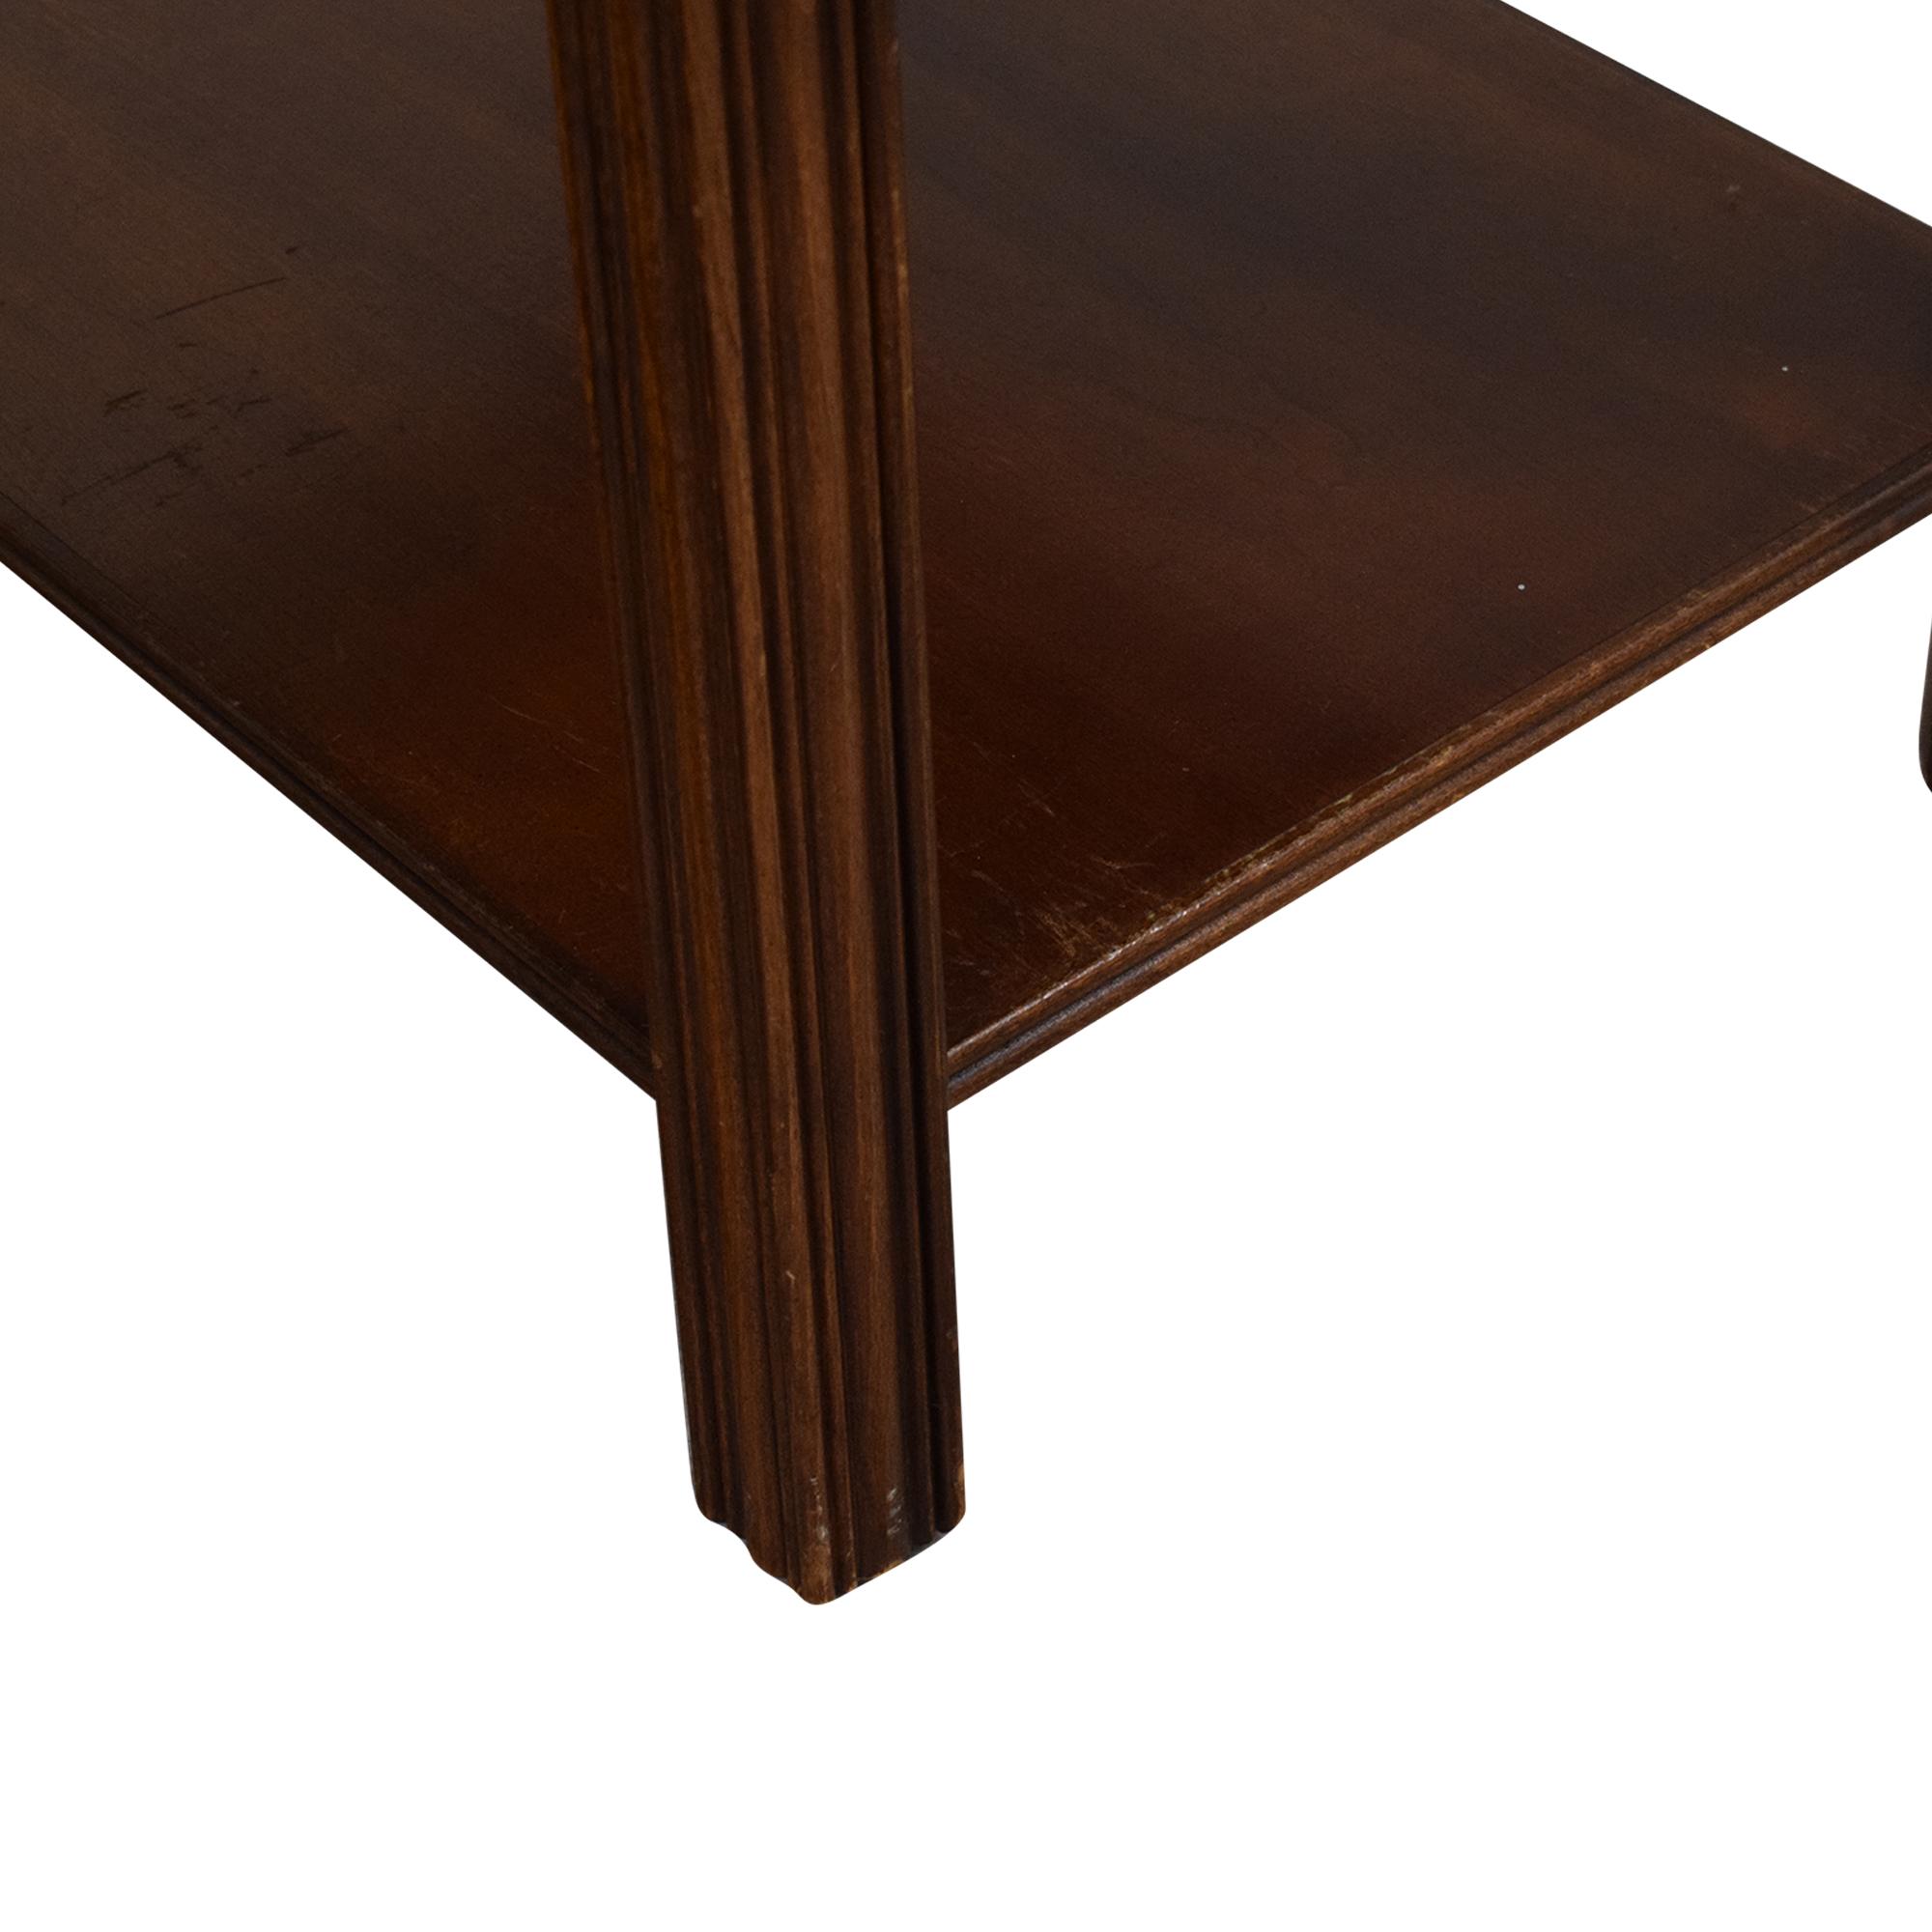 Lane Furniture Lane Furniture Side Tables dark brown